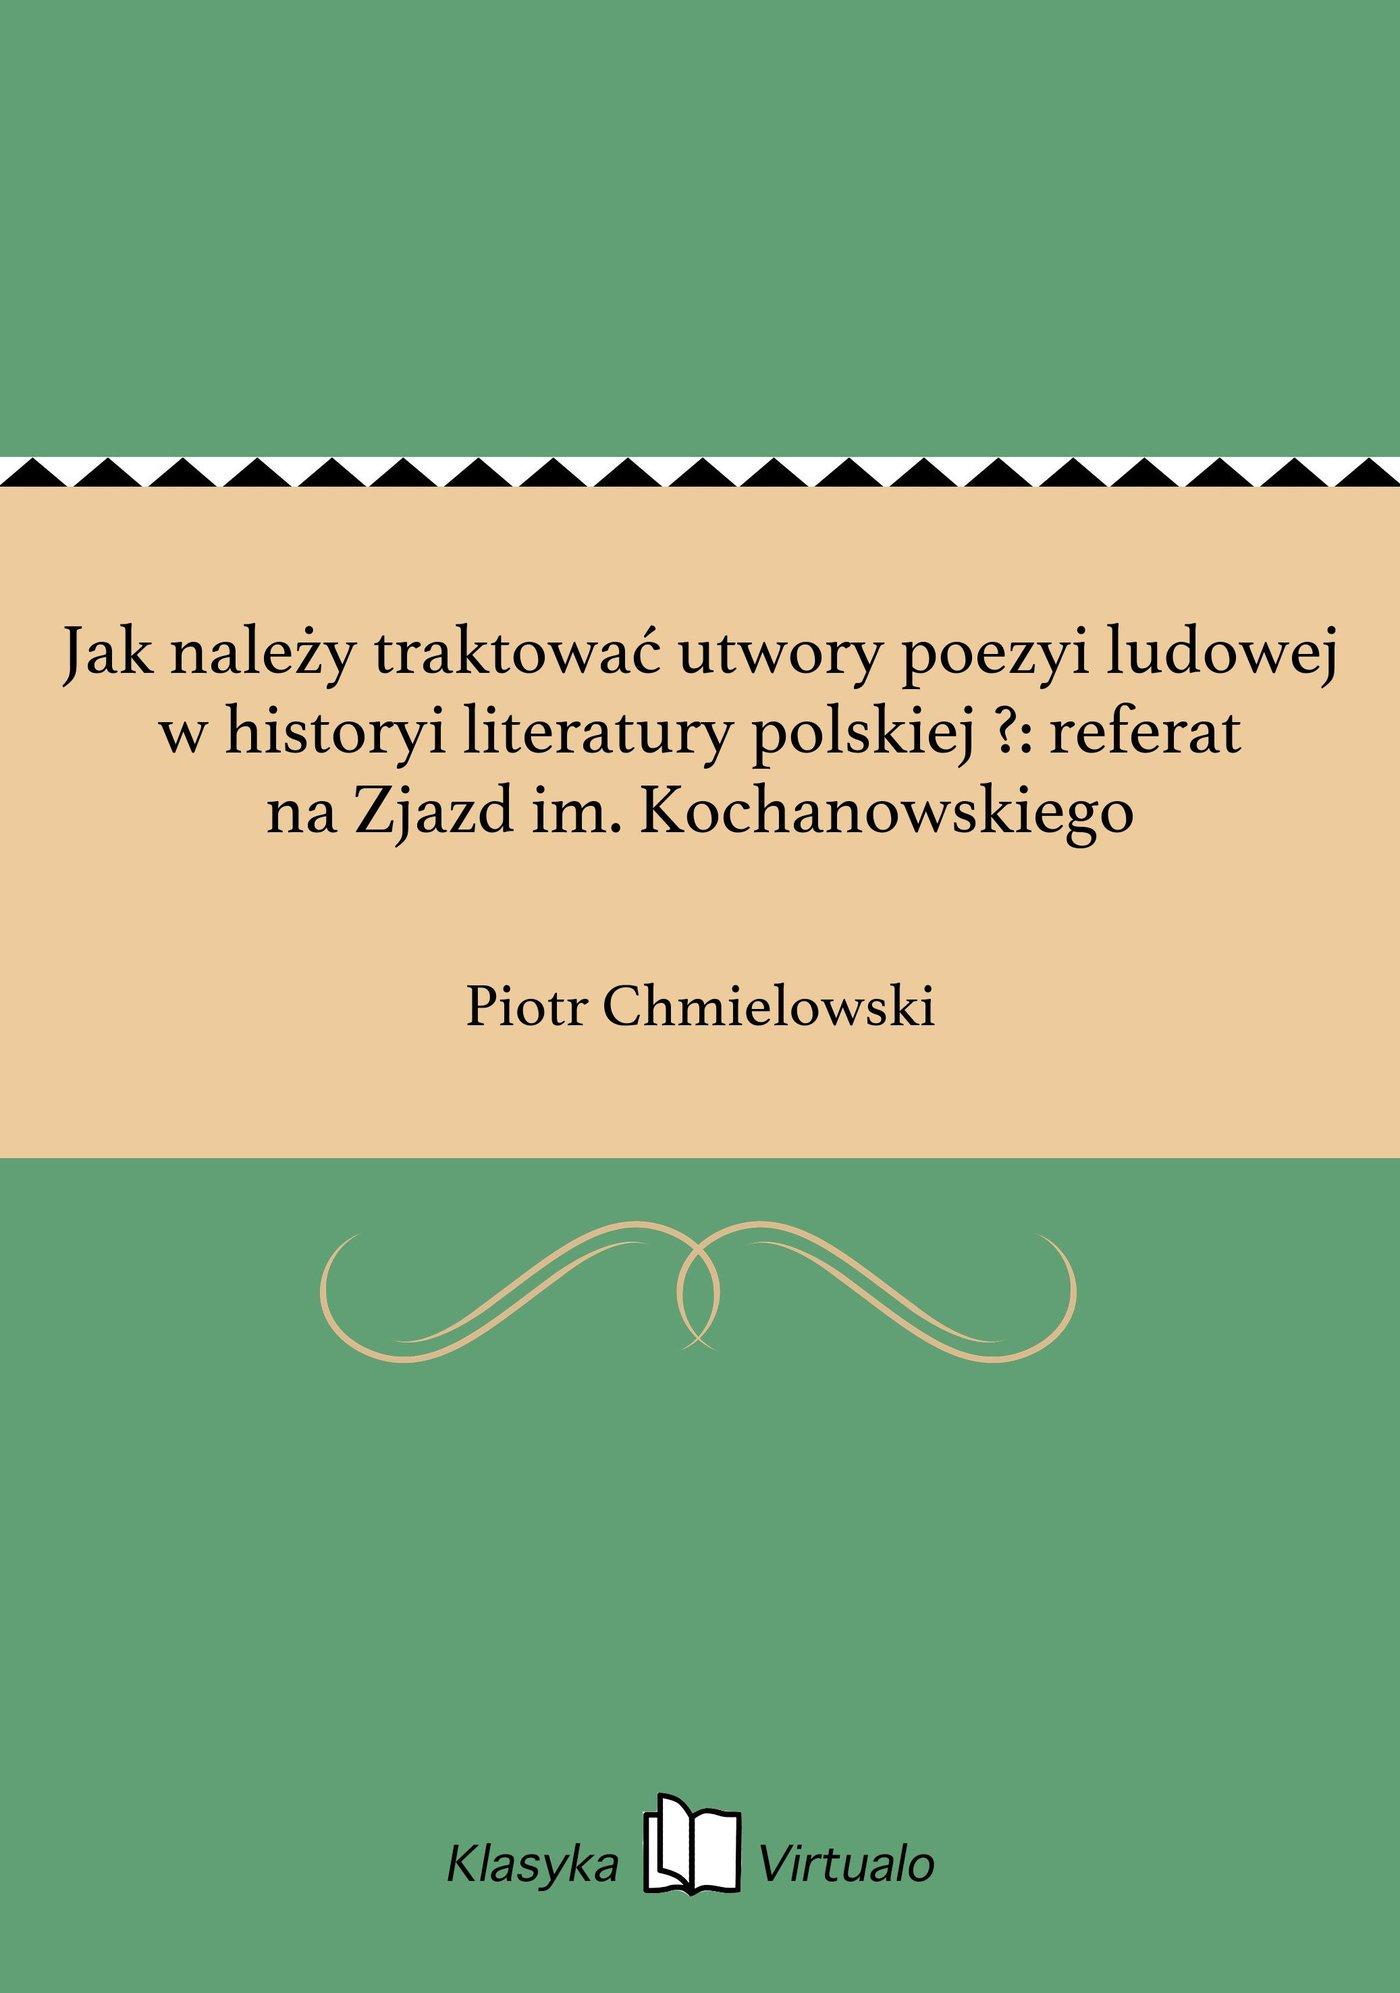 Jak należy traktować utwory poezyi ludowej w historyi literatury polskiej ?: referat na Zjazd im. Kochanowskiego - Ebook (Książka na Kindle) do pobrania w formacie MOBI